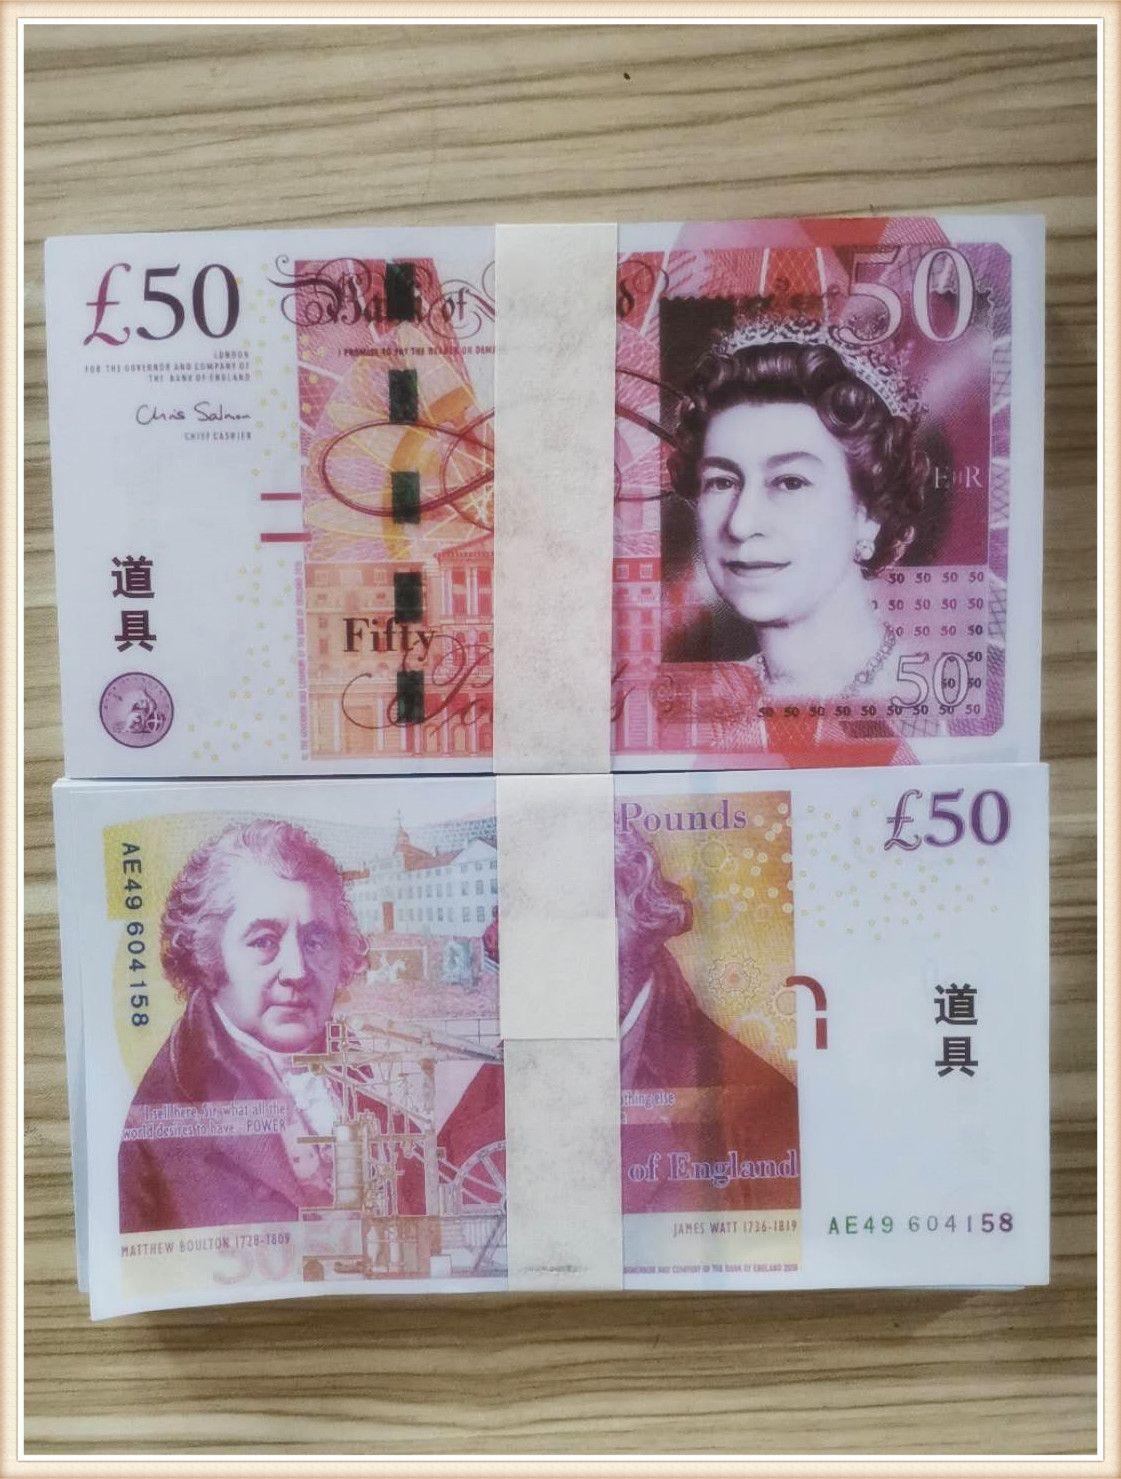 Grenzüberschreitende E-Commerce 50 Pfund Fabrik Verkauf Papiergeld Requisiten Banknoten Spiel Requisiten Papiergeld